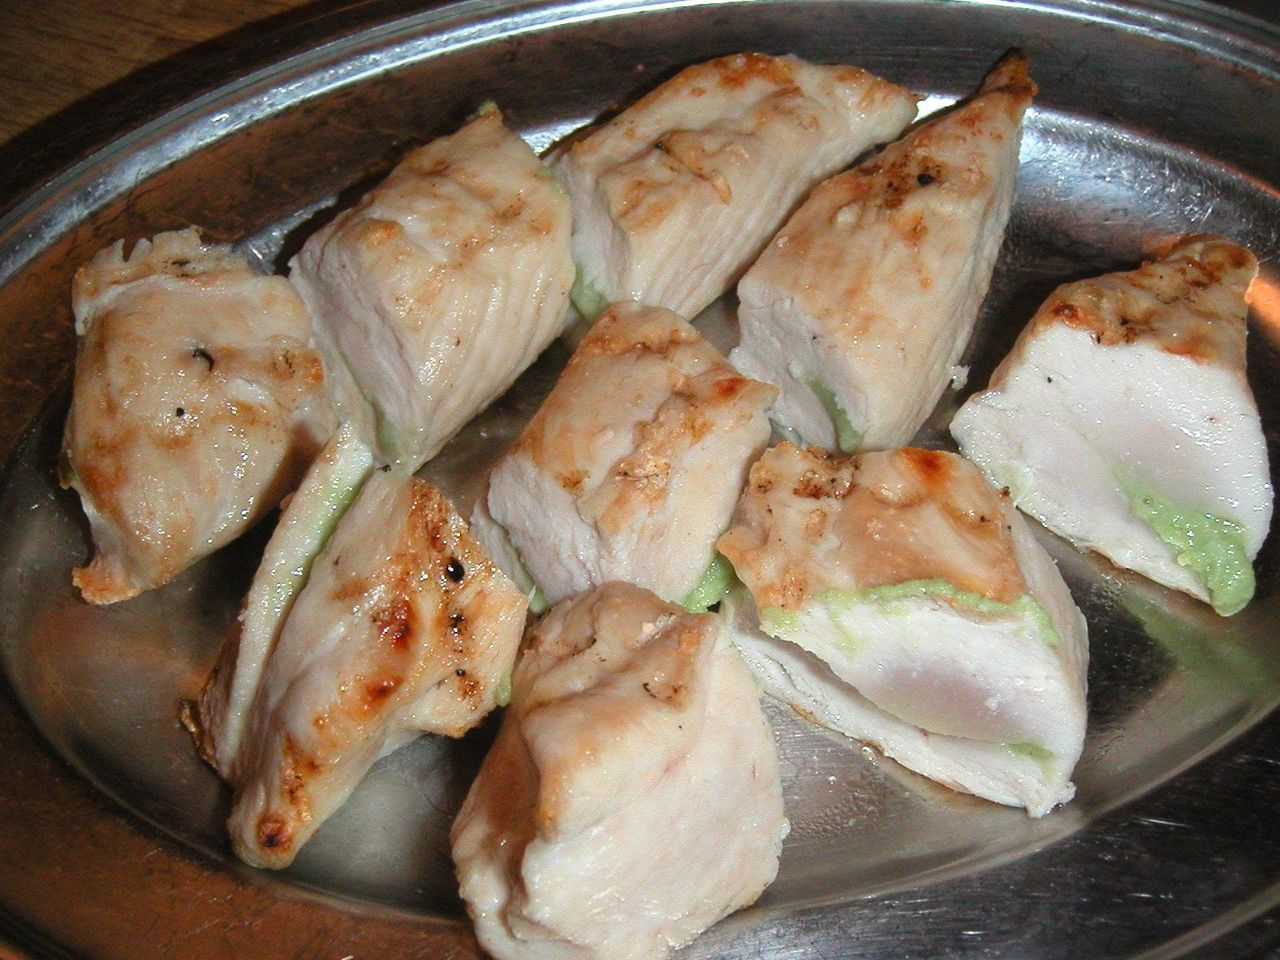 半生の鶏肉にワサビをはさんだ、はさみ焼550円